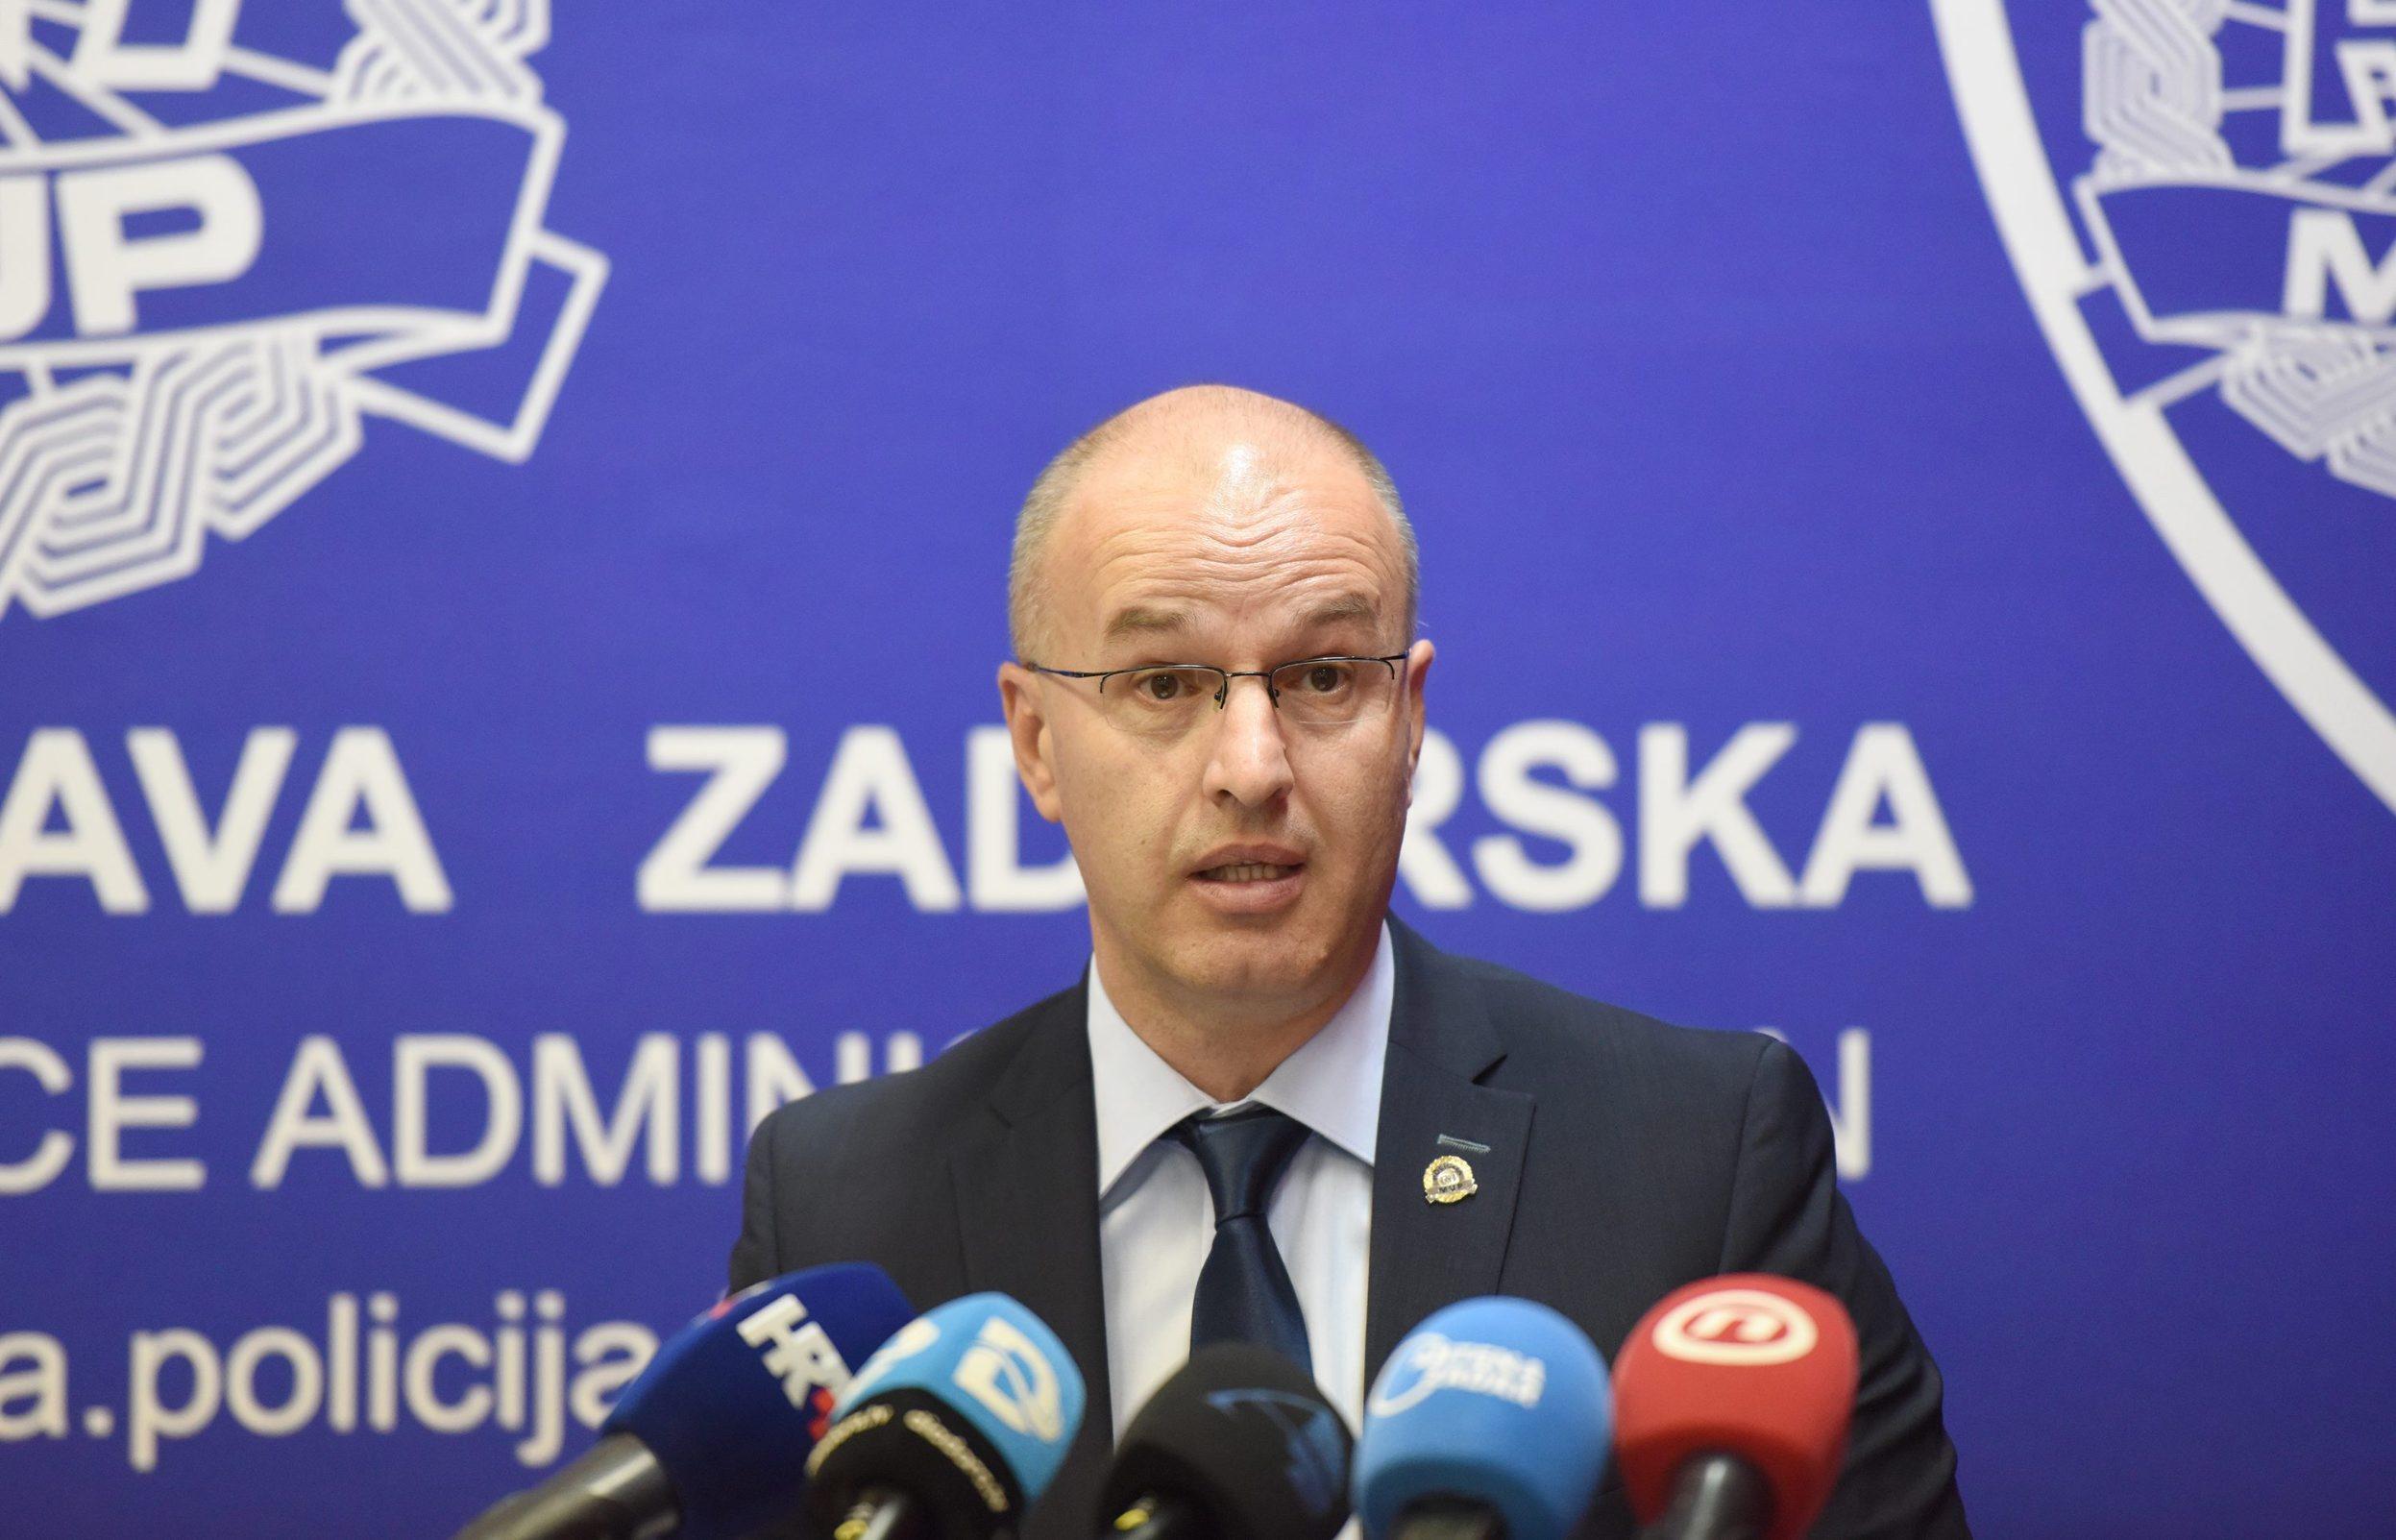 Zadar, 180919. Konferencija za medije PU zadarske povodom uhicenja 37-godisnjeg Josipa Zivkovica iz Zadra zbog sumnje da je sudjelovao u preprodaji kokaina. Pretresom njegove kuce na Bilom brigu pronadjeno je kilogram i 135,6 grama kokaina vrlo visoke cistoce namijenjenog iskljucivo zadarskom trzistu, vrijednog 1,65 milijuna kuna. Policija ga smatra najistaknutijim pojedincem na zadarskom trzistu droge. Na fotografiji: Anton Drazina, nacelnik PU zadarske. Foto: Jure Miskovic / CROPIX